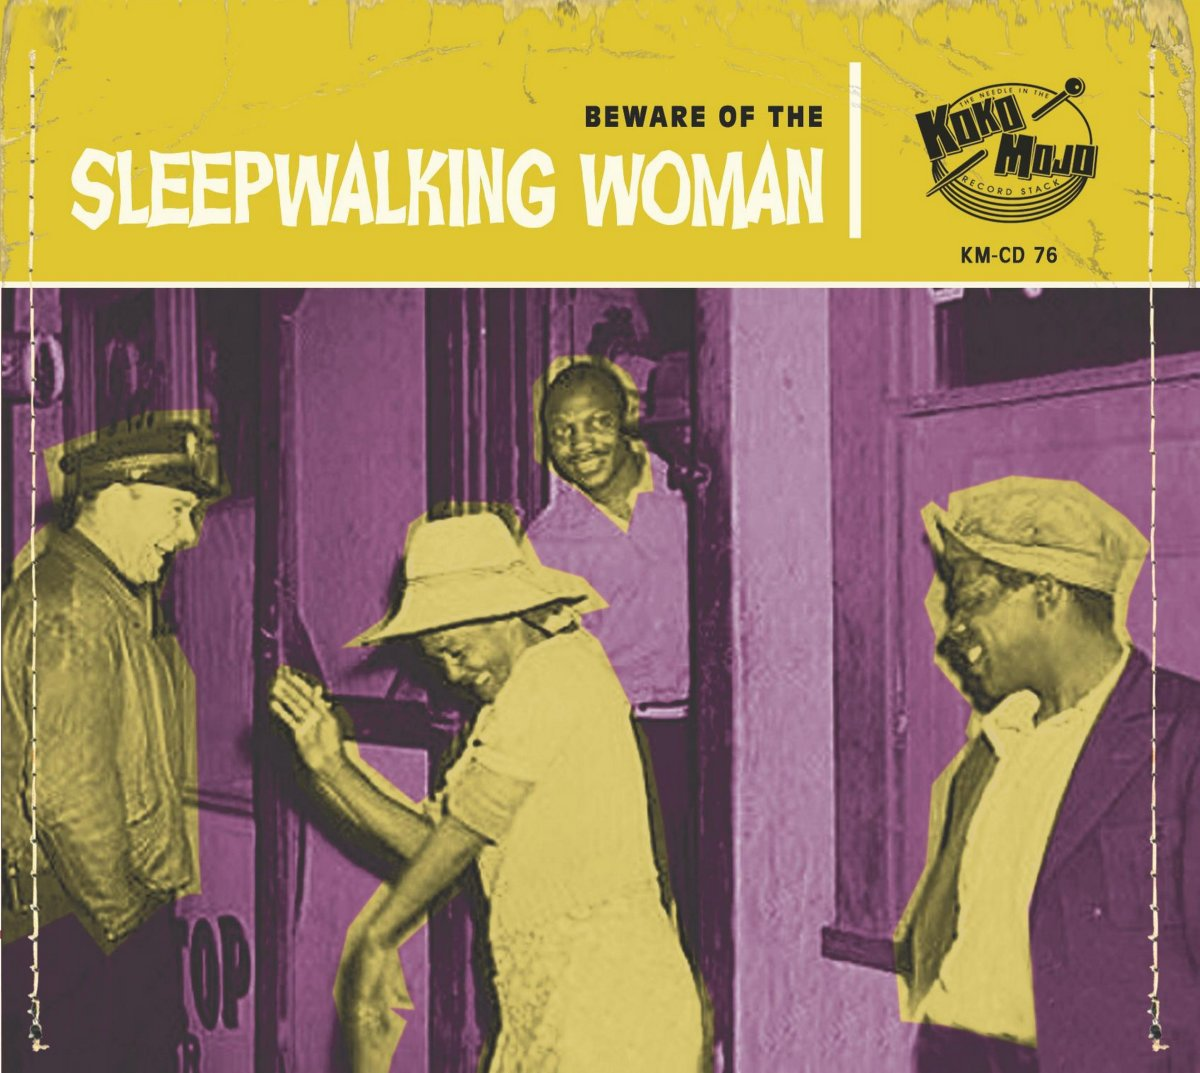 Sleepwalking Woman